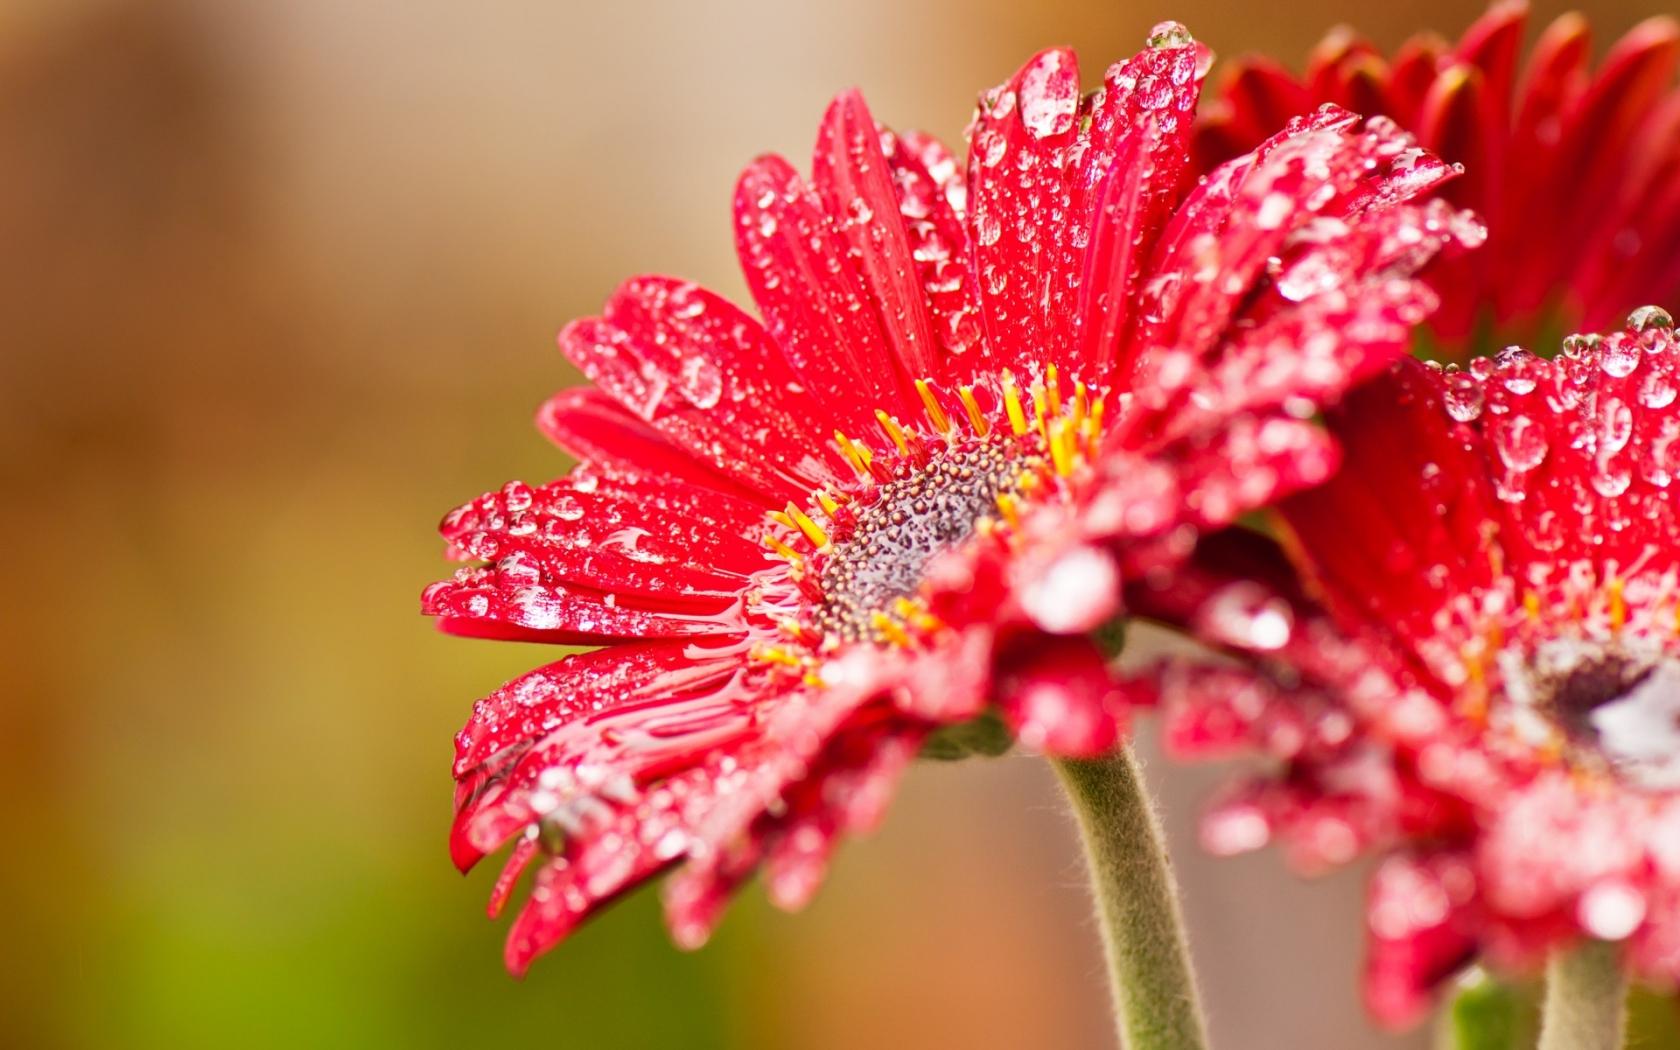 Bella flor roja - 1680x1050